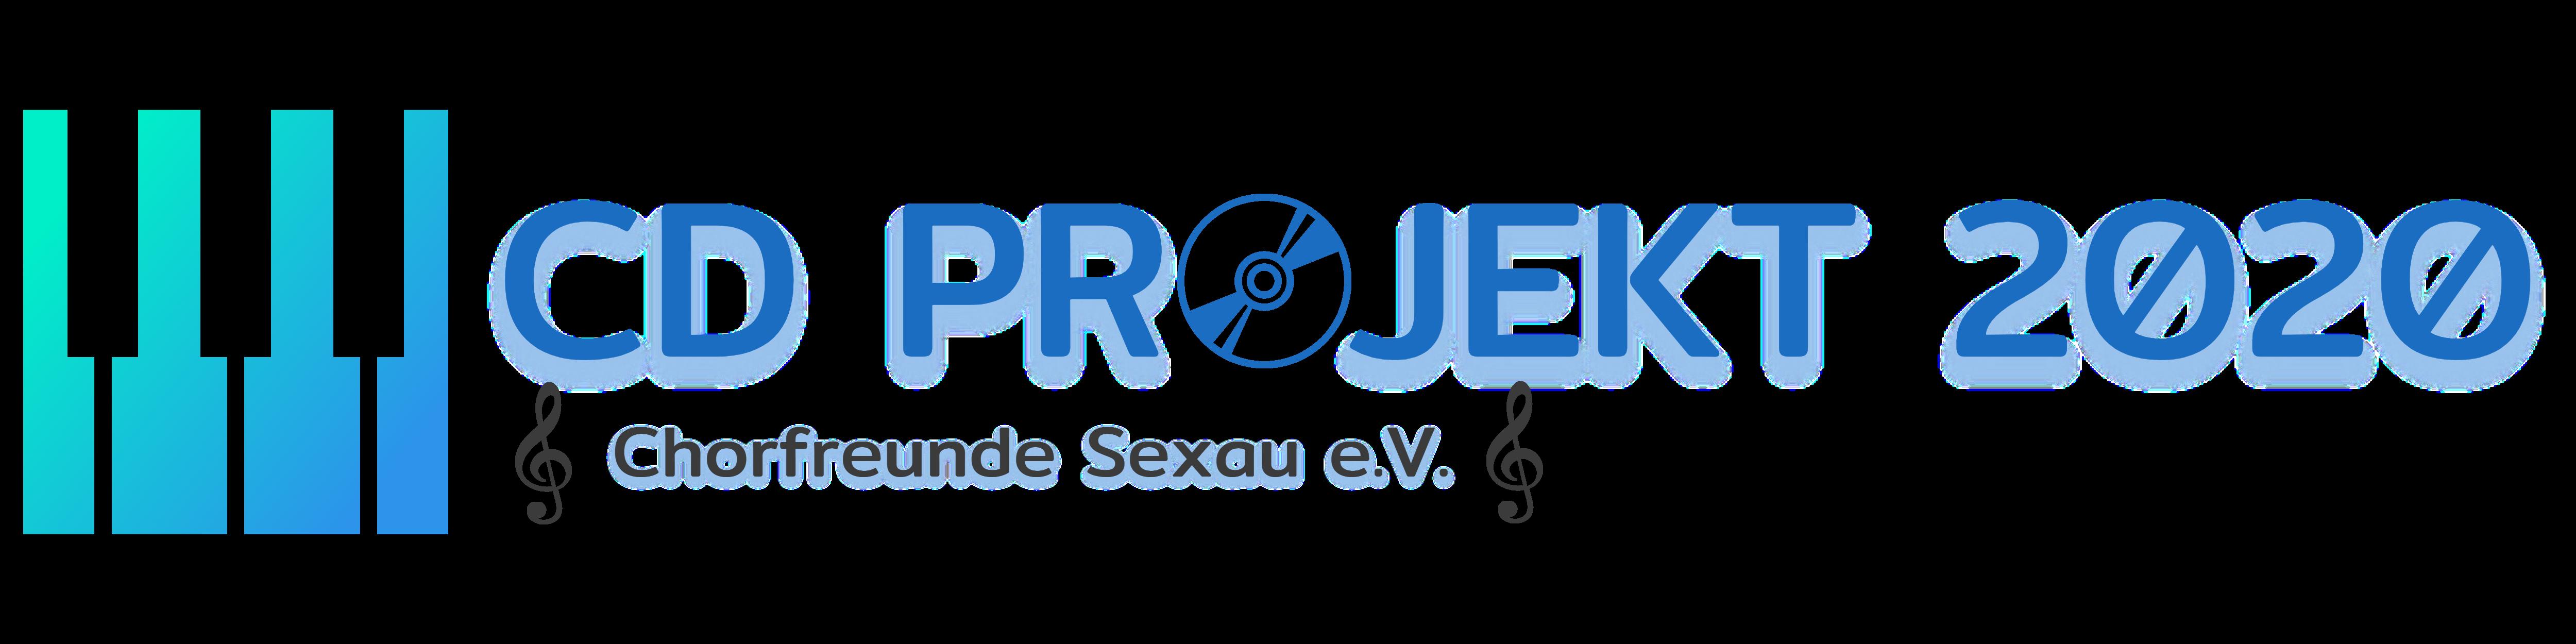 CD Projekt 2020